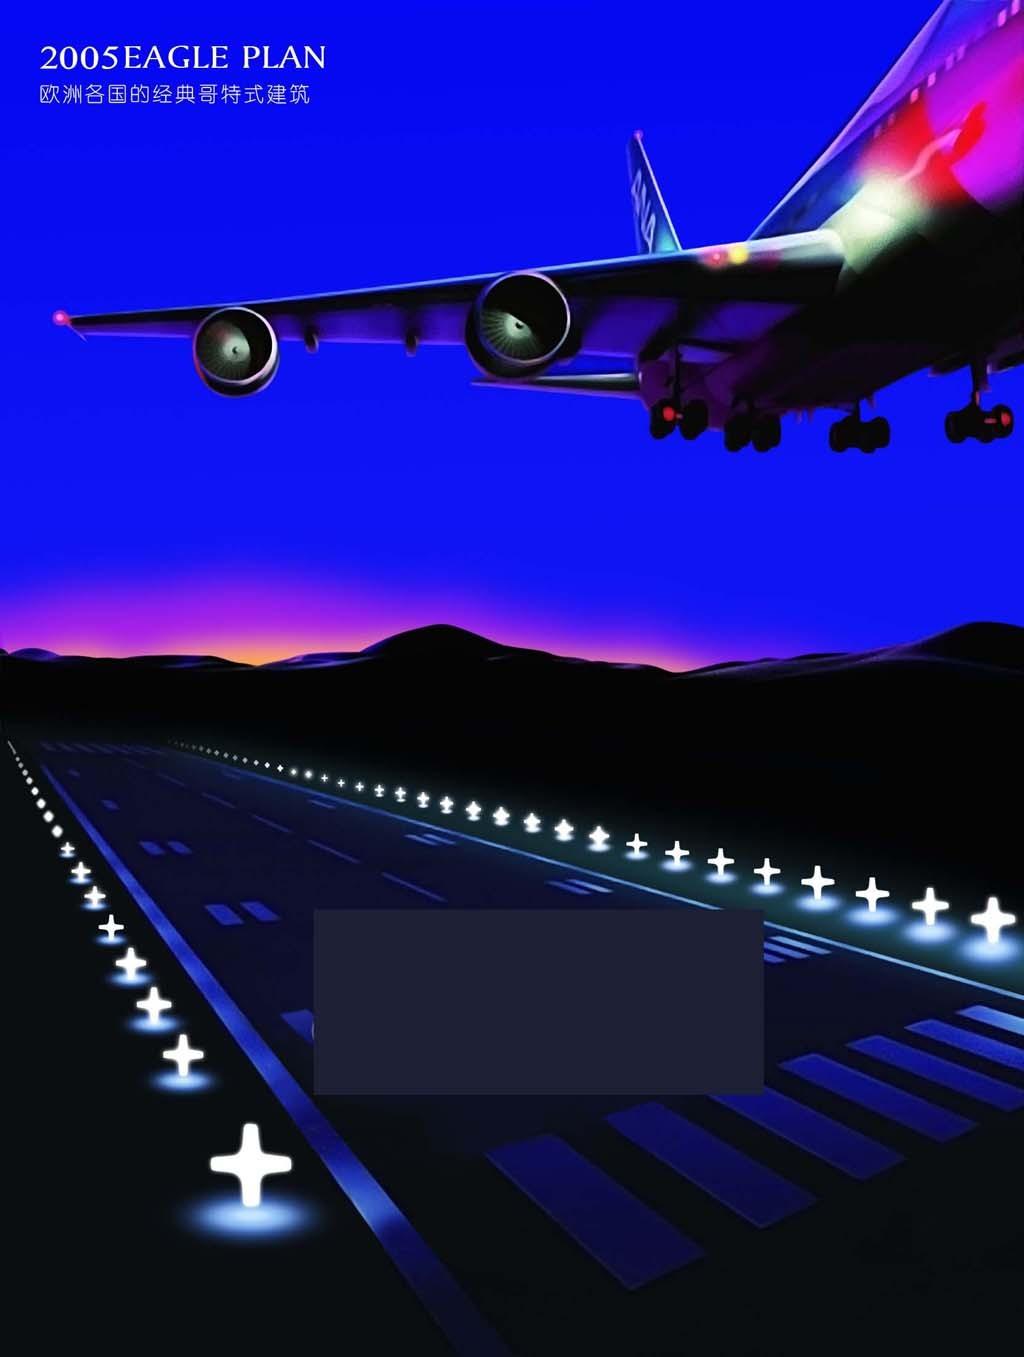 企业文化展板海报设计飞机起飞